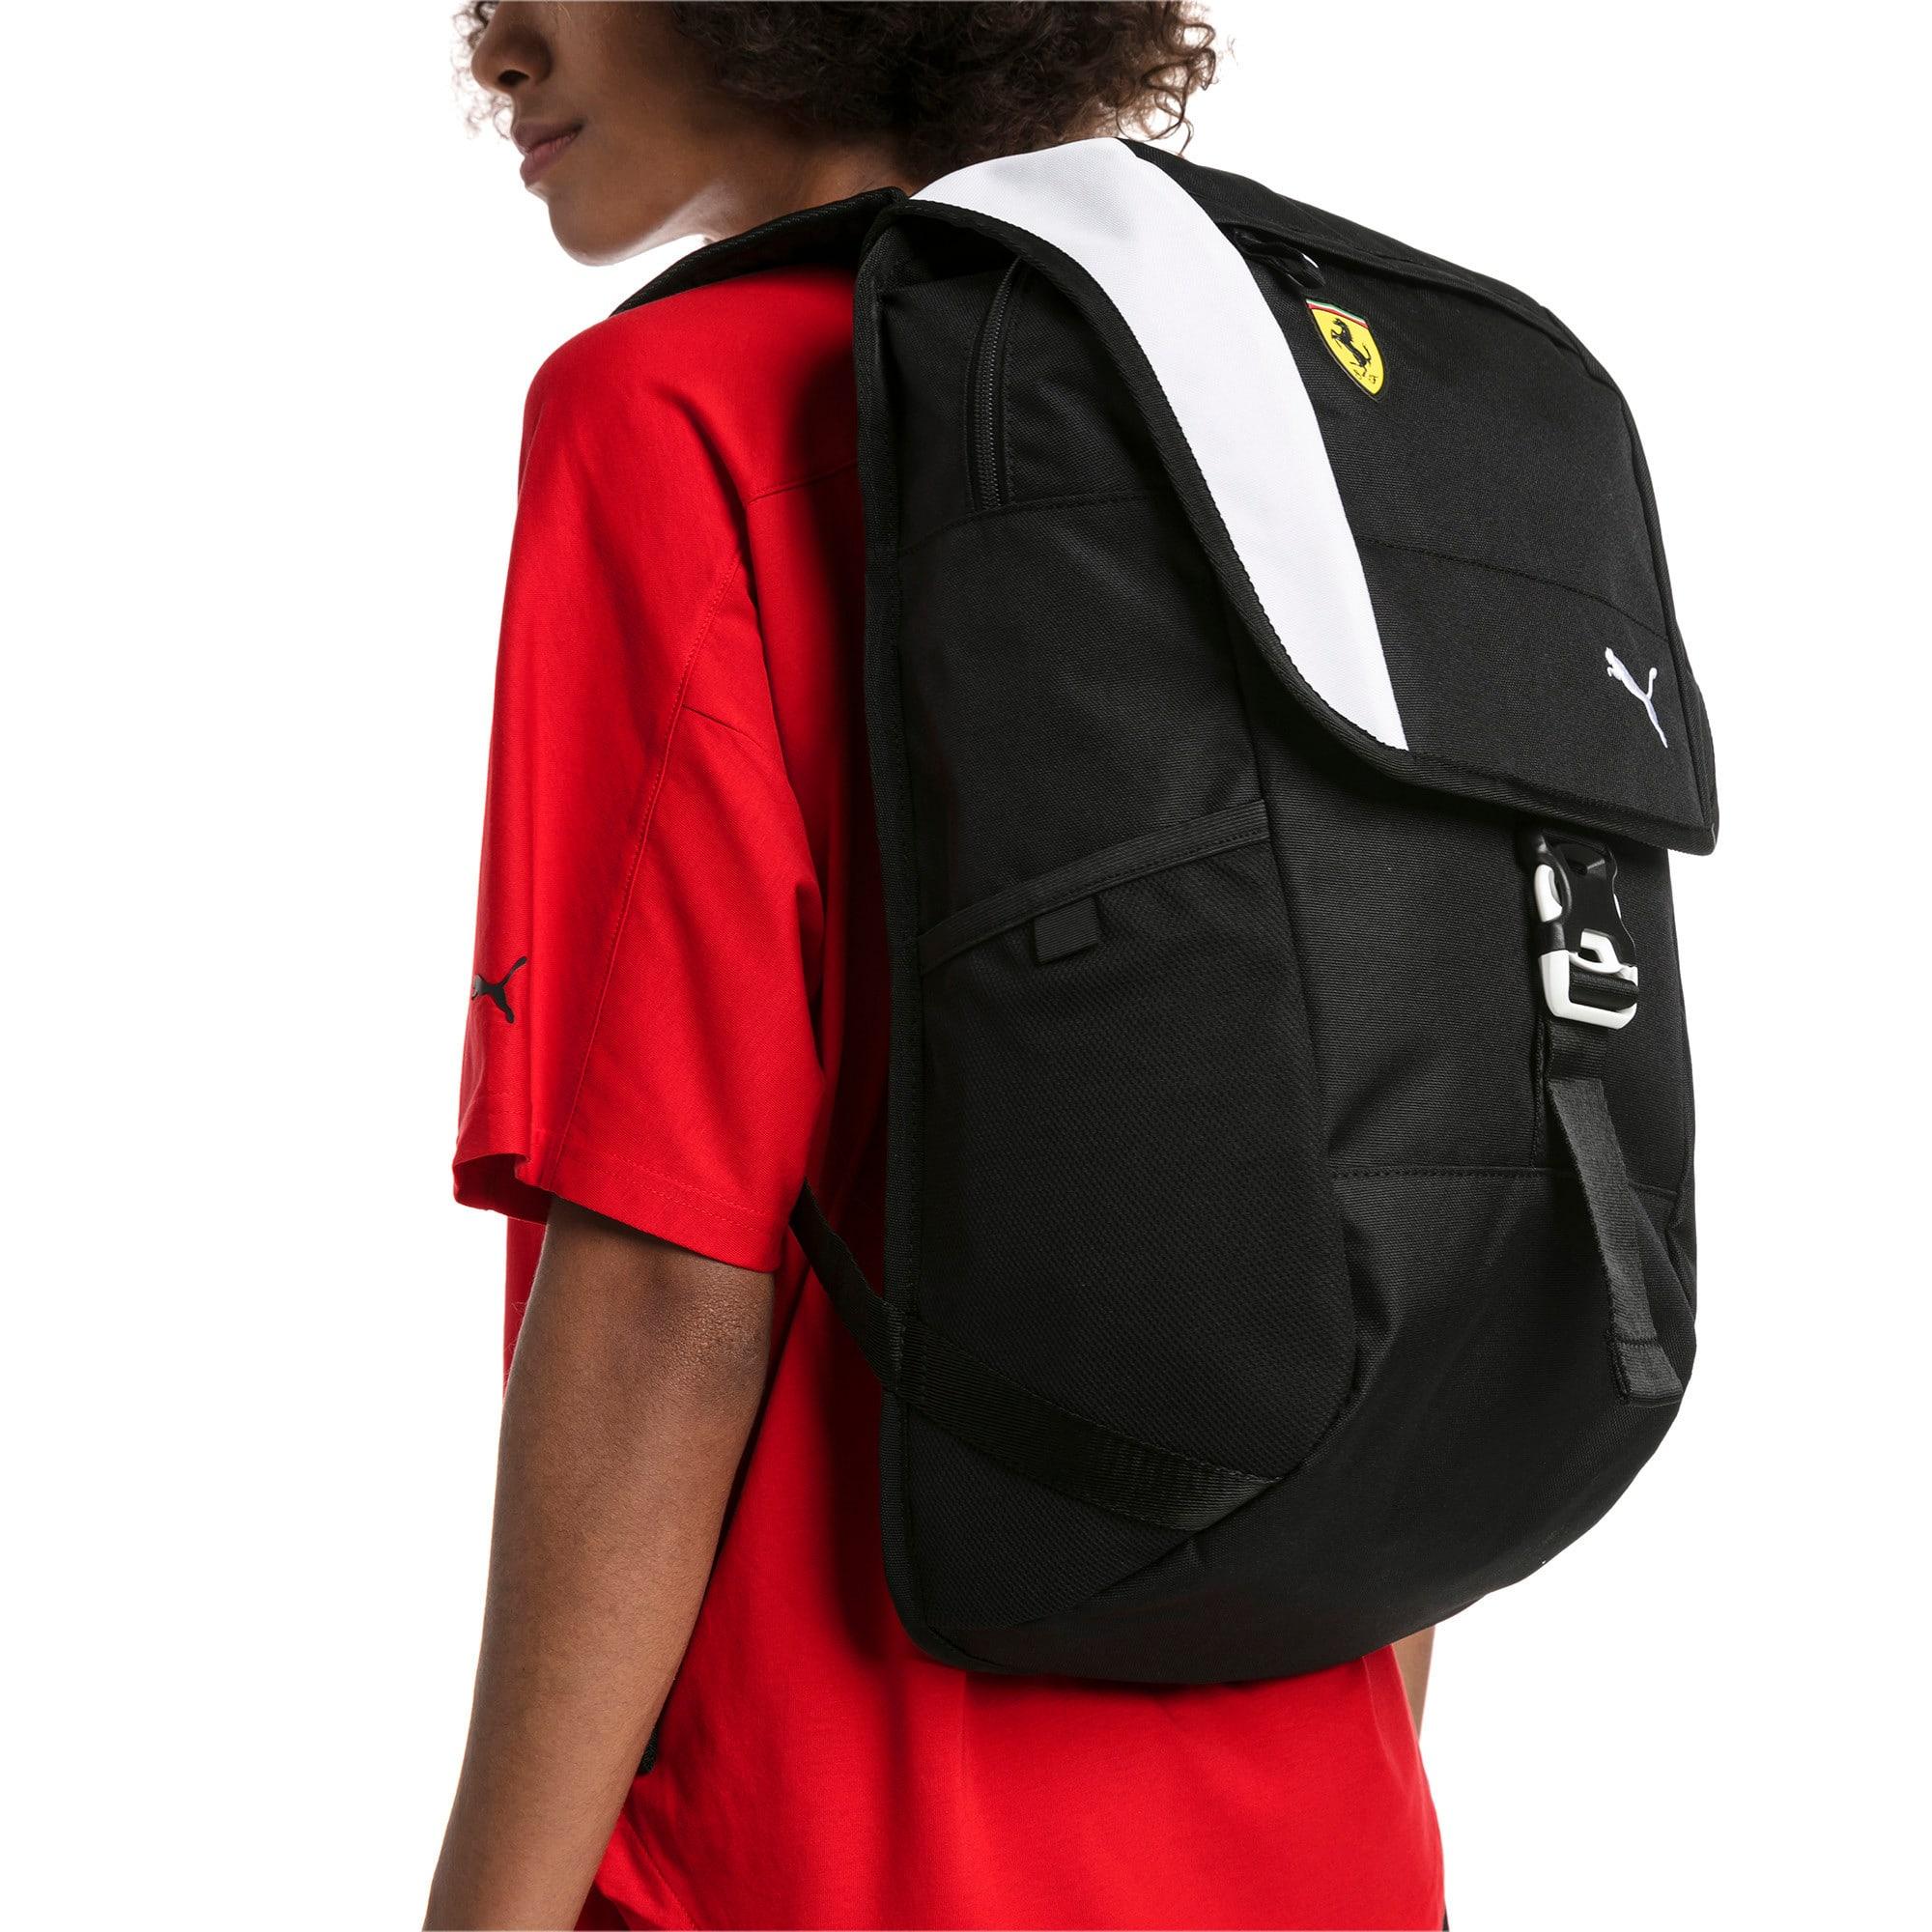 Thumbnail 3 of Scuderia Ferrari Fanwear Backpack, Puma Black, medium